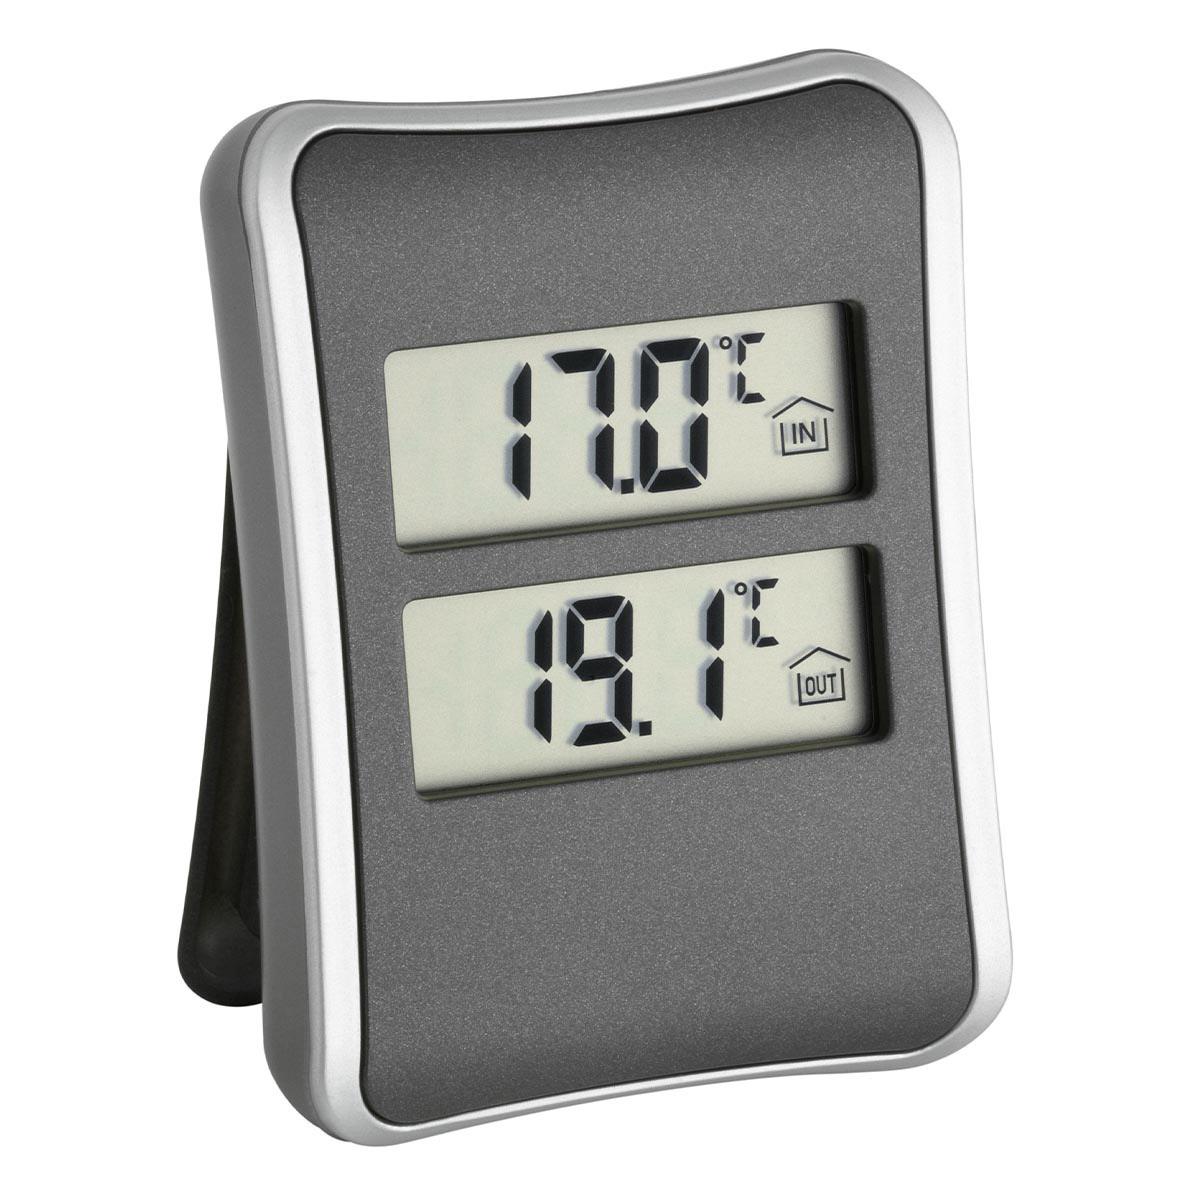 30-1044-digitales-innen-aussen-thermometer-ansicht-1200x1200px.jpg